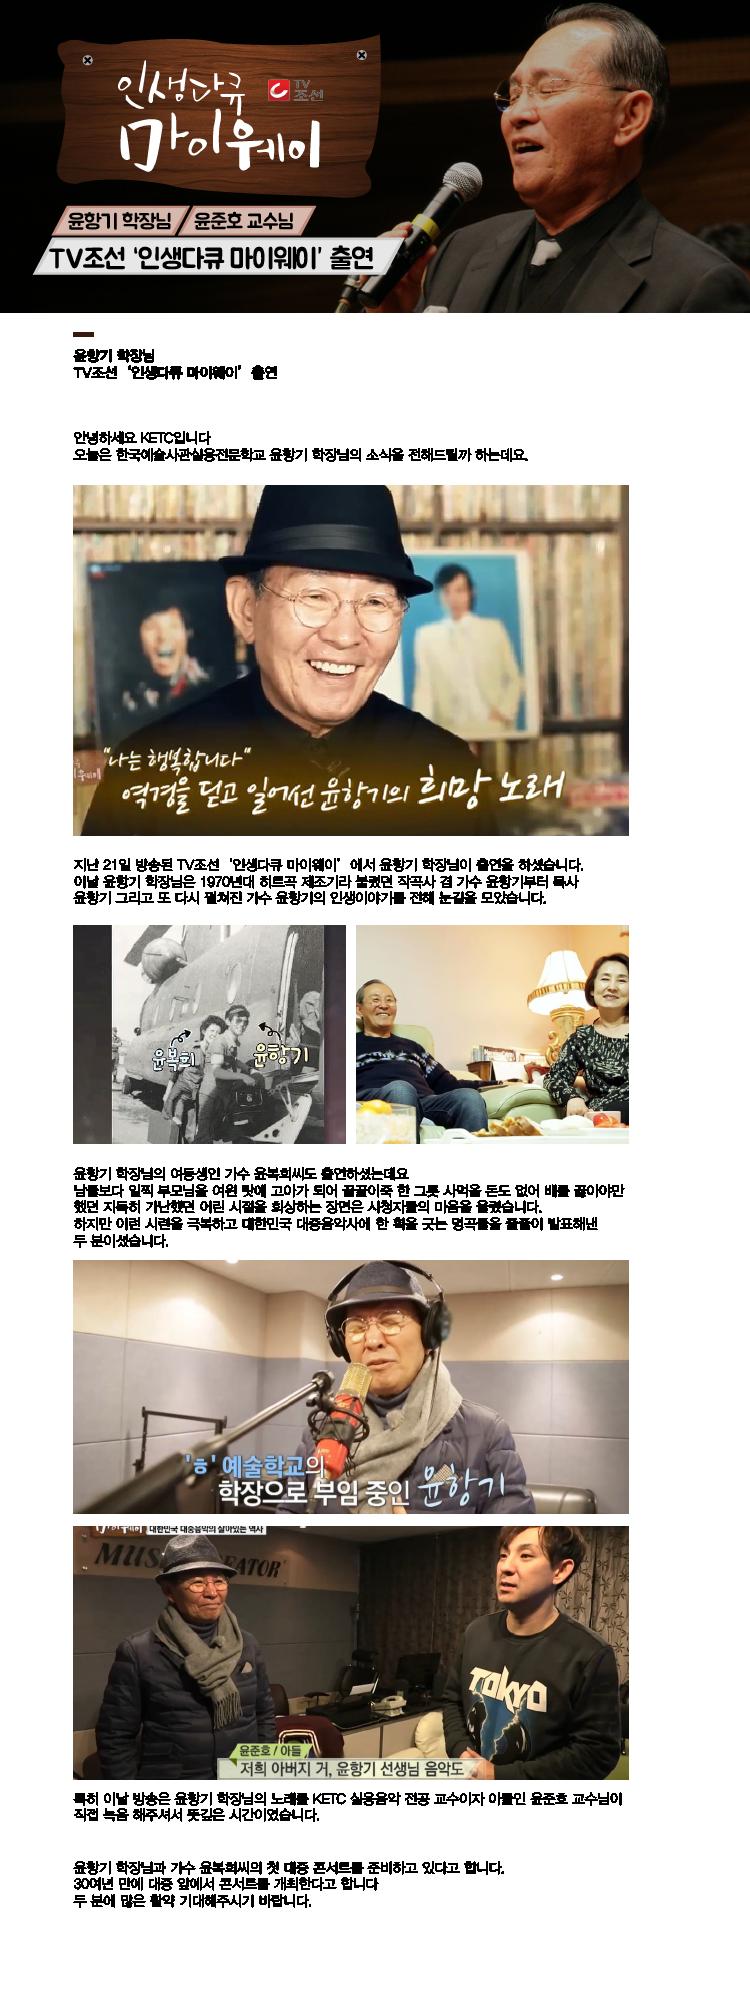 TV조선 '인생다큐 마이웨이' 윤항기 학장님, 윤준호 교수님 출연